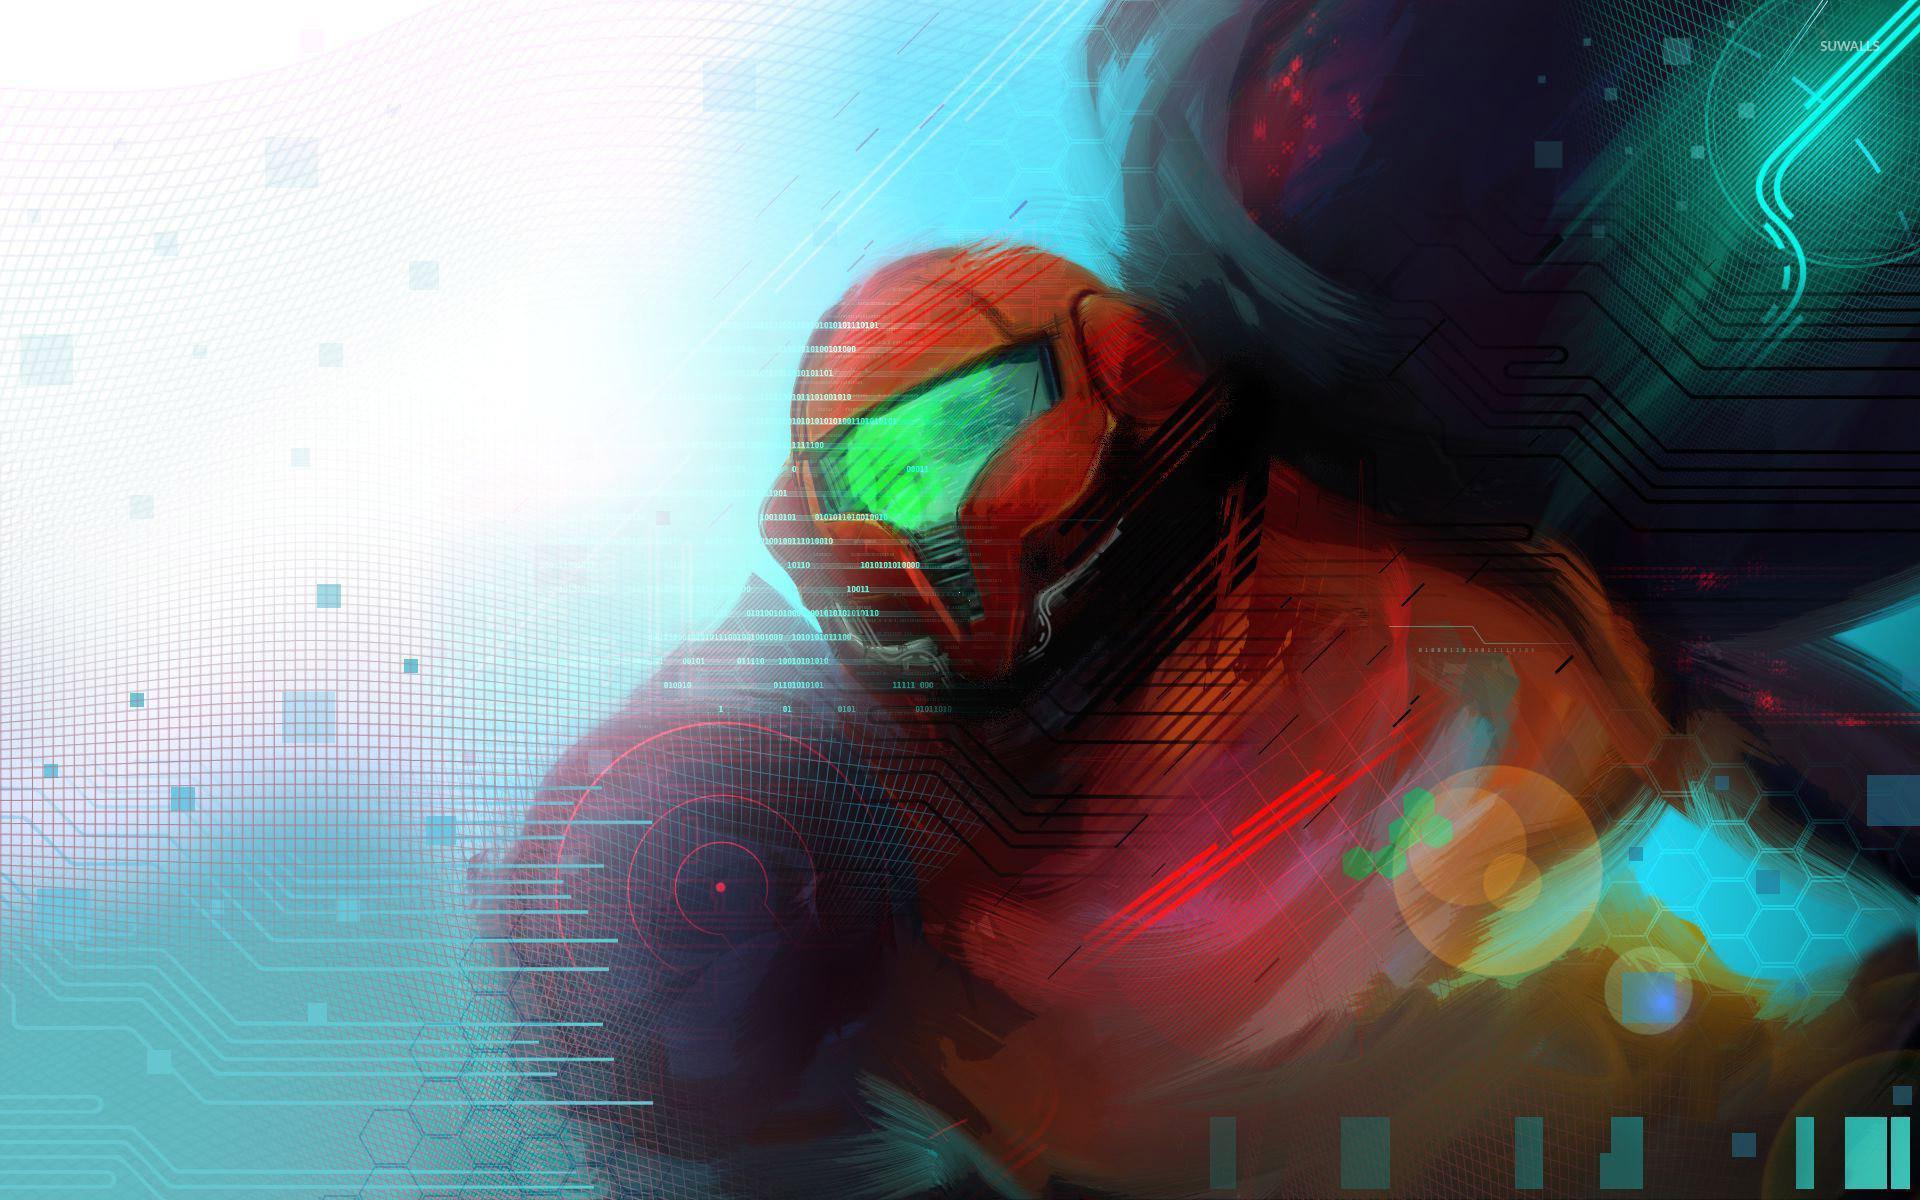 Samus Aran – Metroid [5] wallpaper